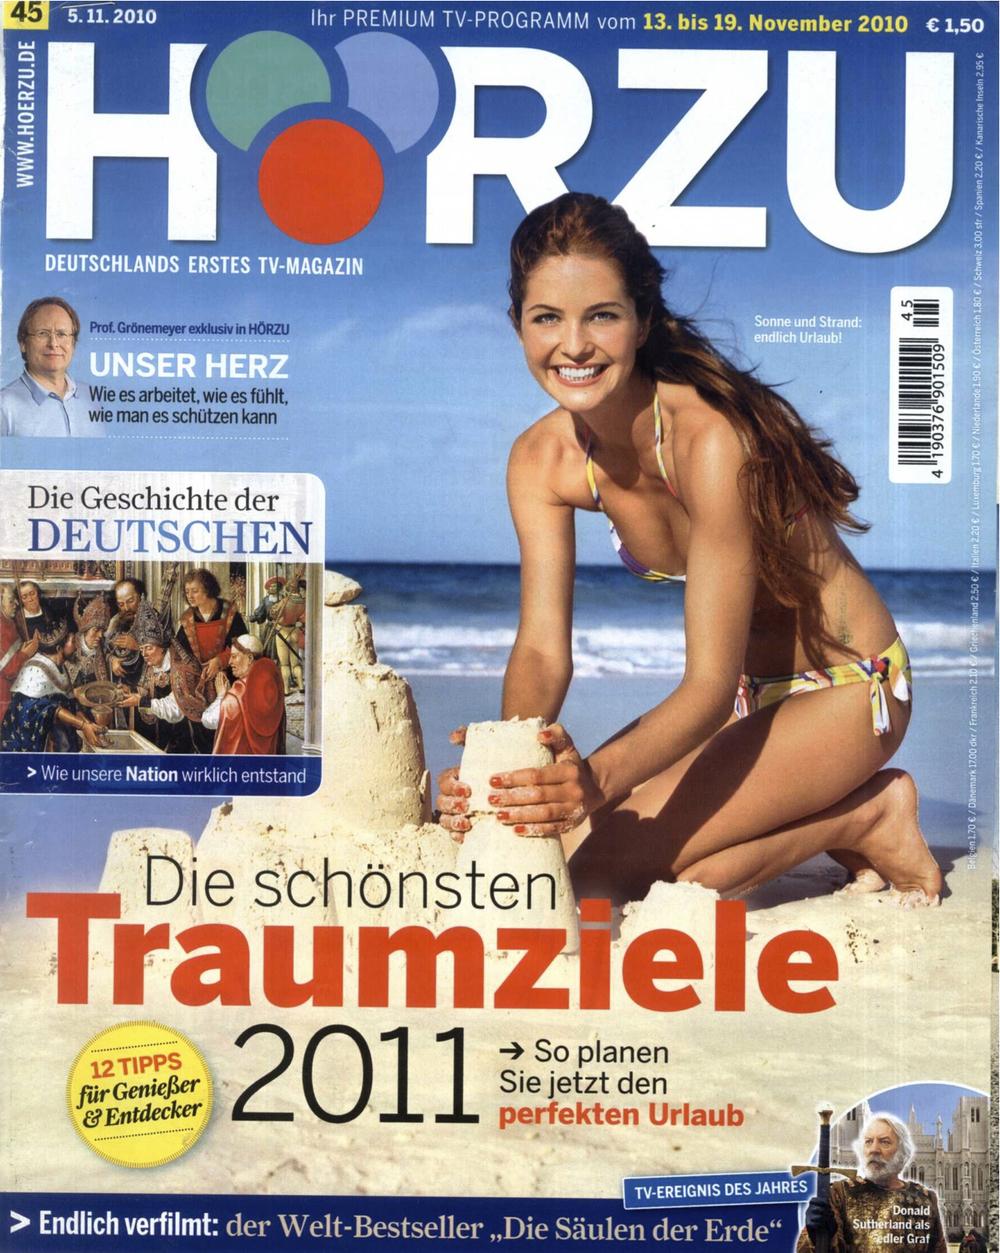 HZ_5.11.2010_Cover.jpg